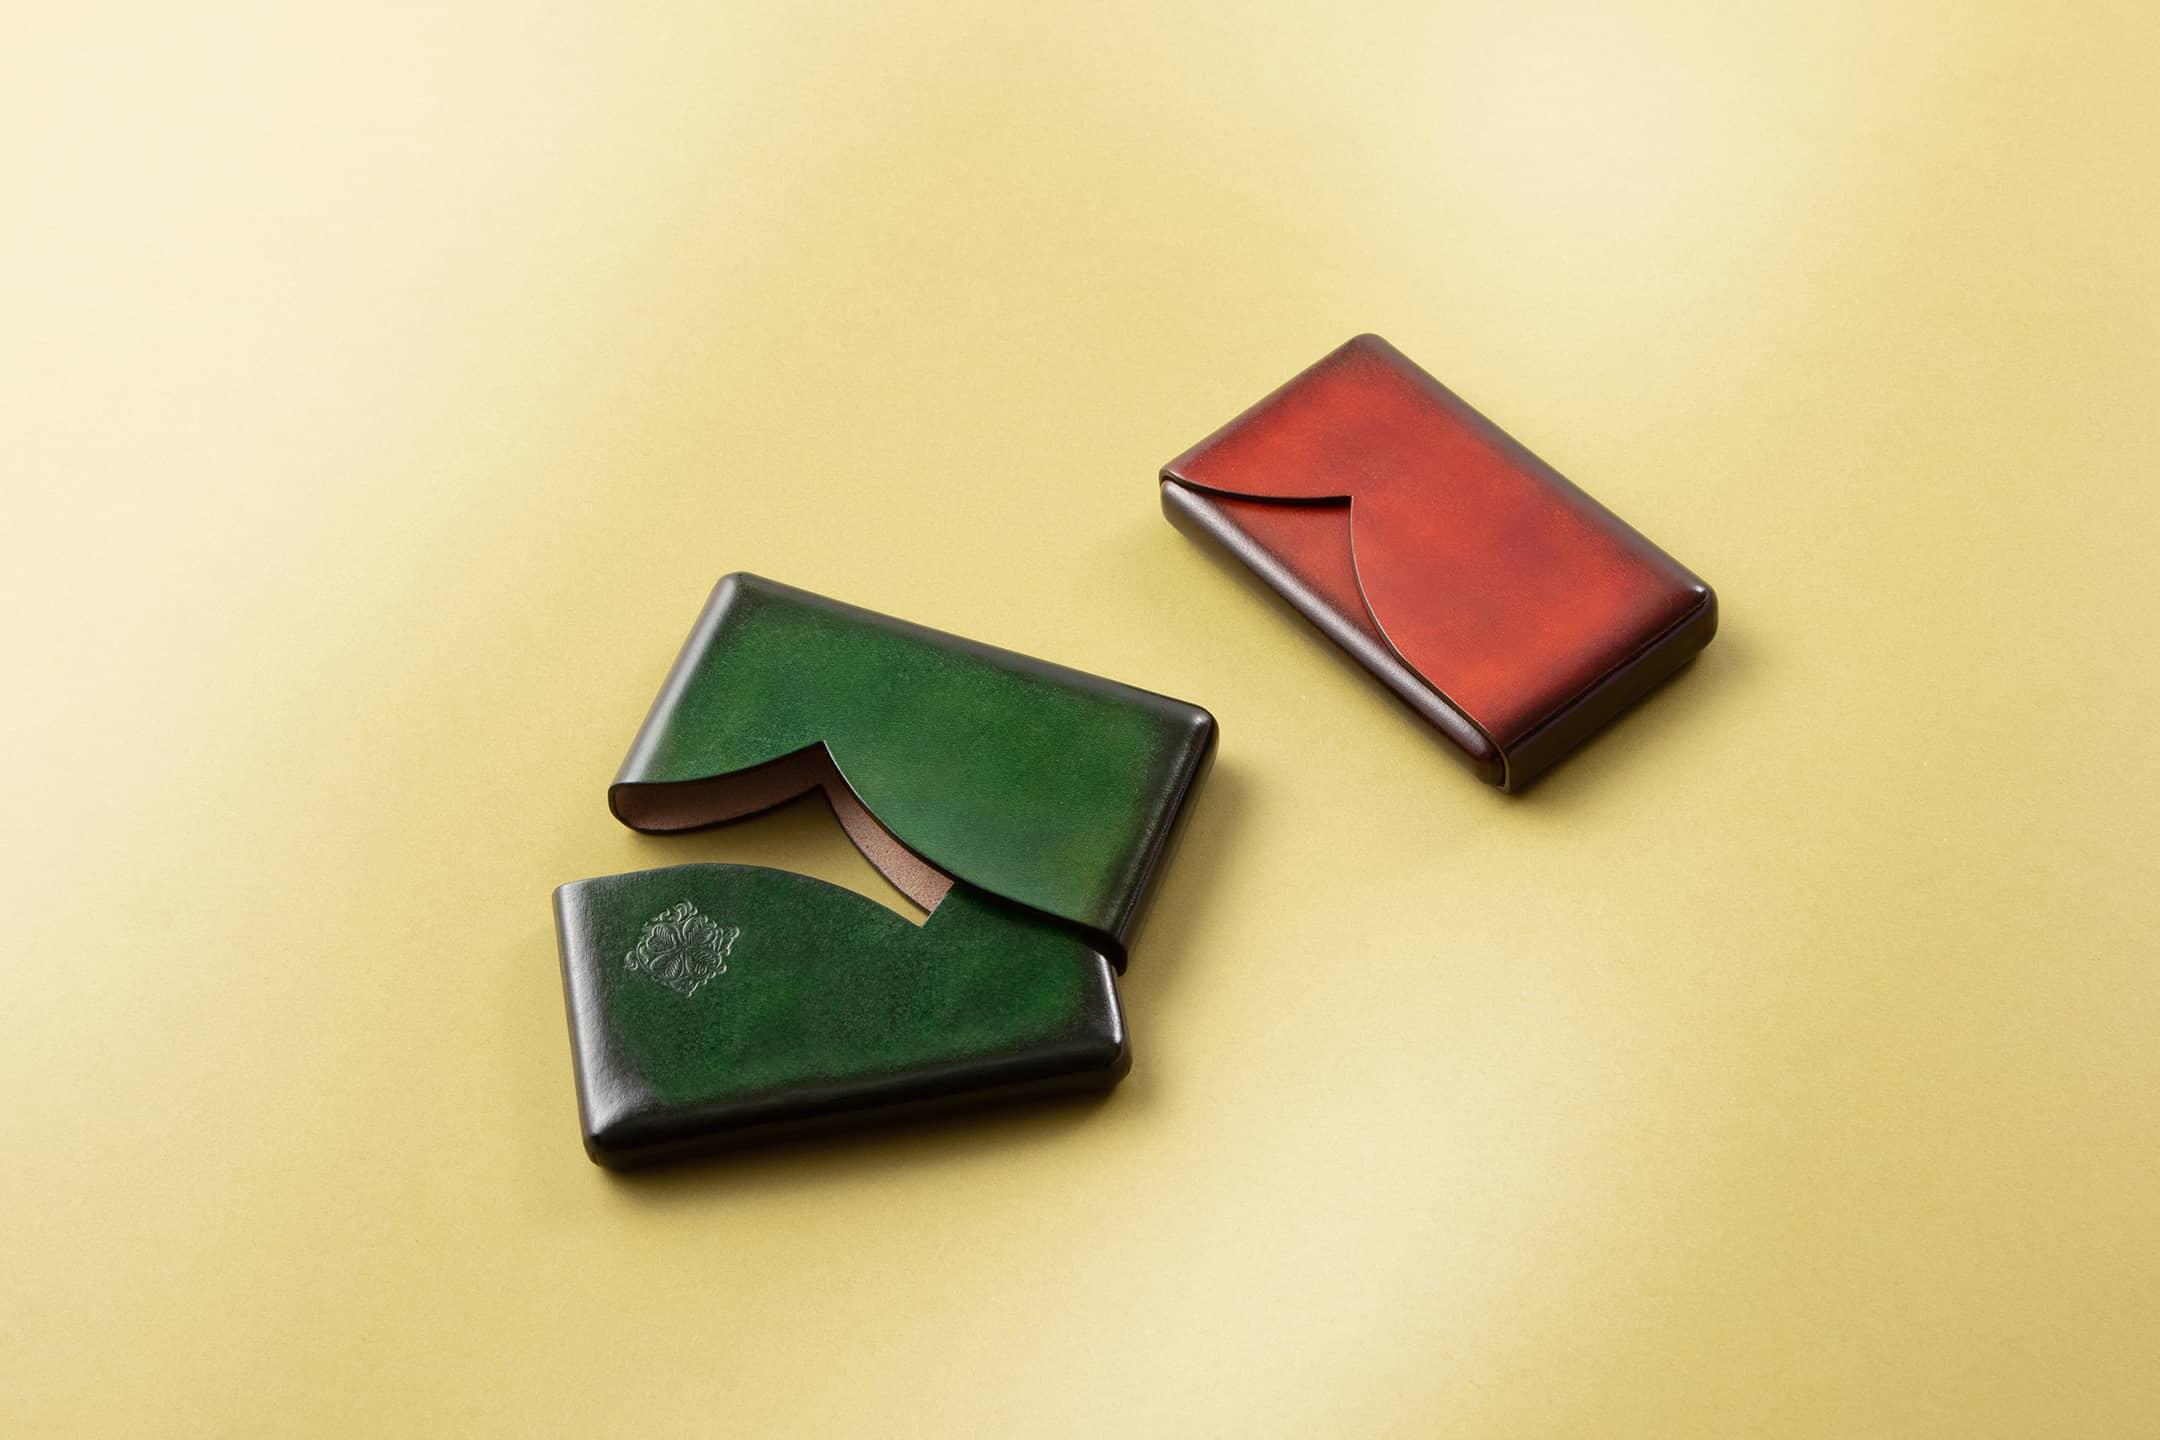 アンティーク染めレザー  カードケース by il Quadrifoglio(イル クオドリフォーリオ)